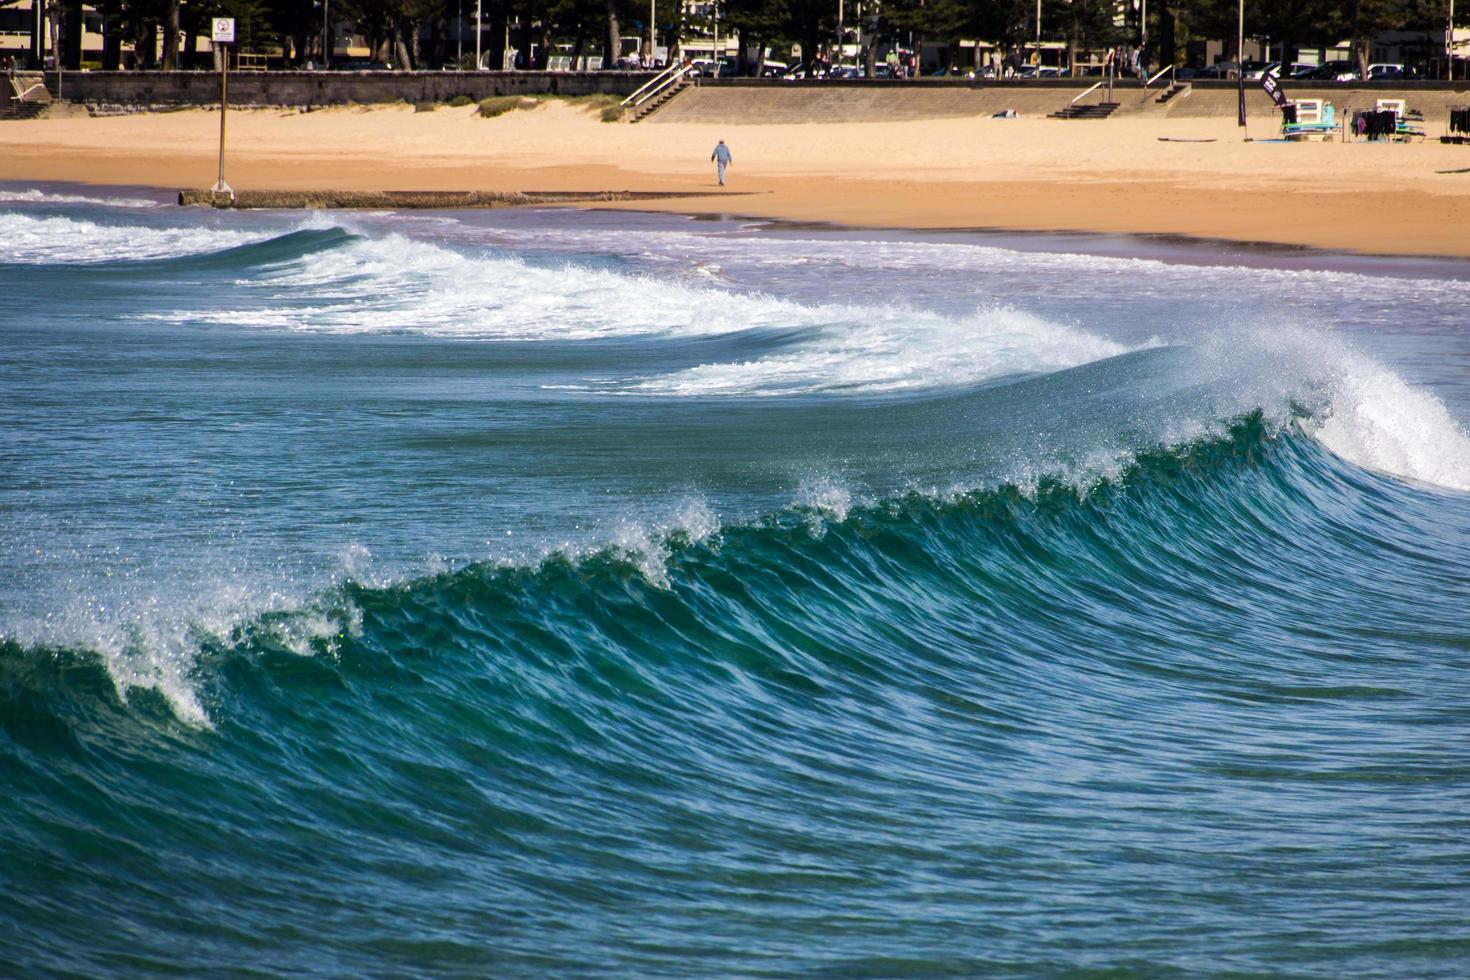 manly beach, Australië, 2020 - golven in de buurt van het strand gedurende de dag foto